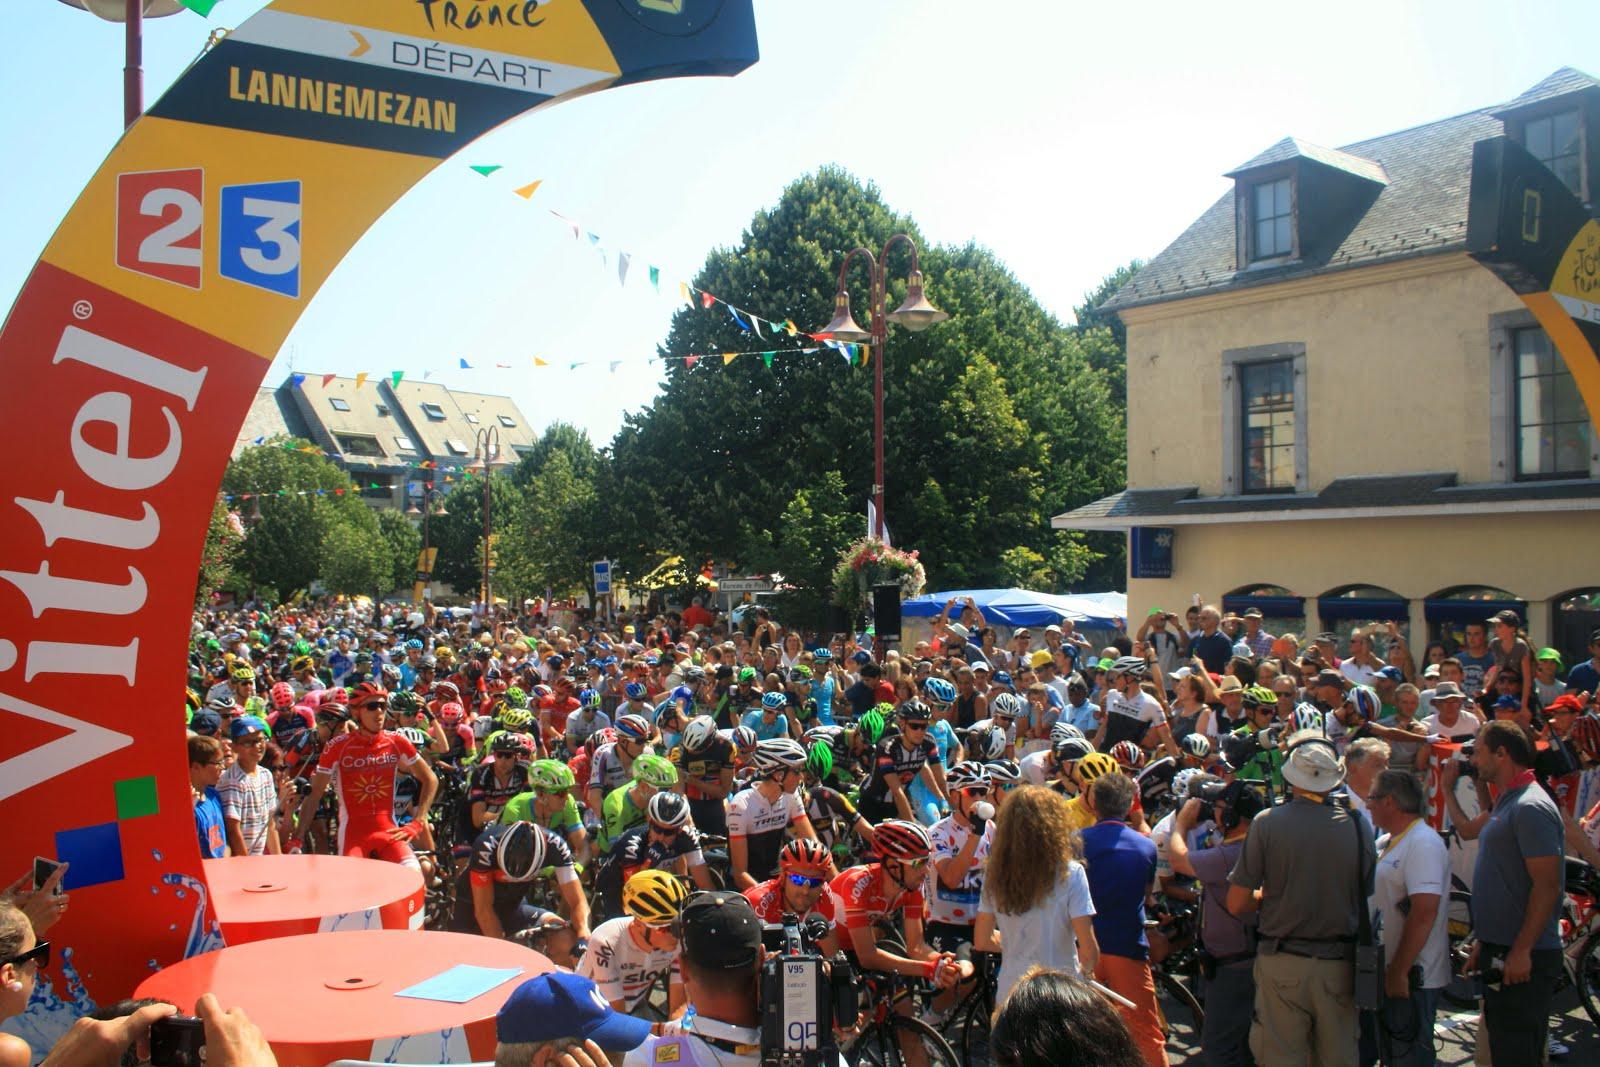 12° ETAPE DU TOUR DE FRANCE : LANNEMEZAN/PLATEAU DE BEILLE